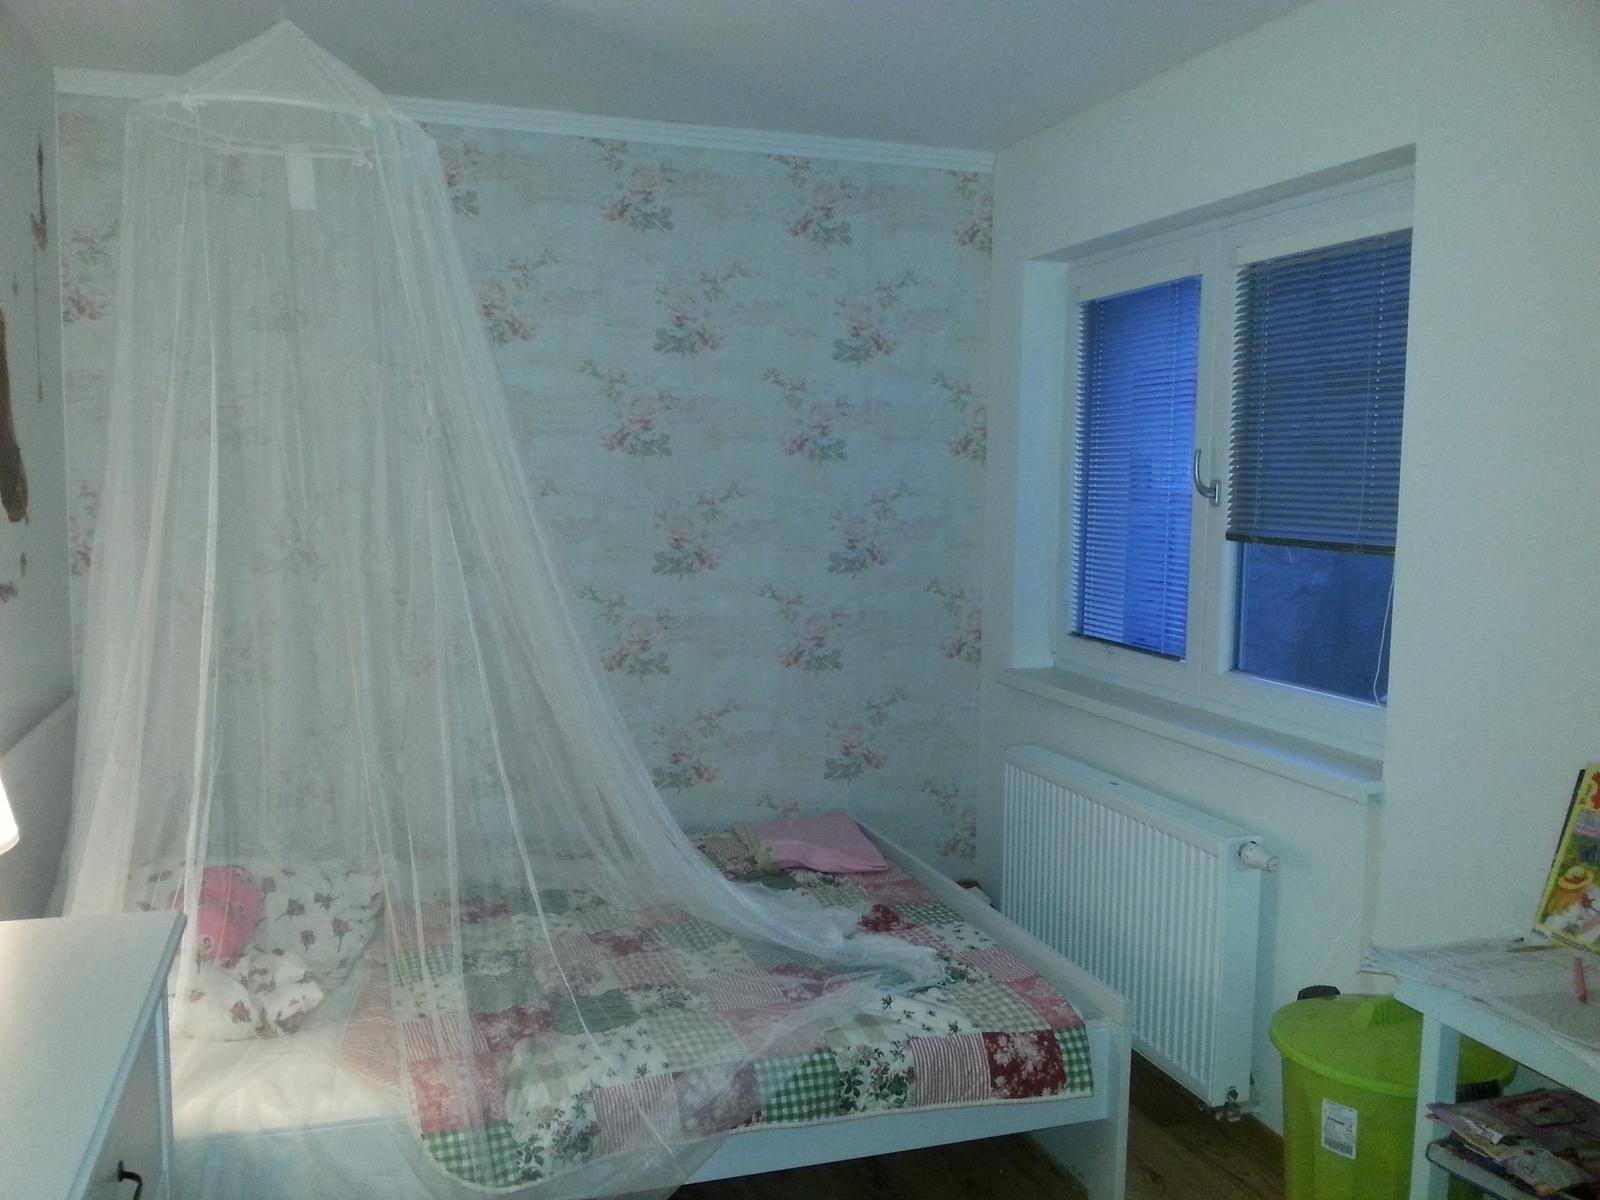 Izba skoro dokončená :-) - Obrázok č. 1